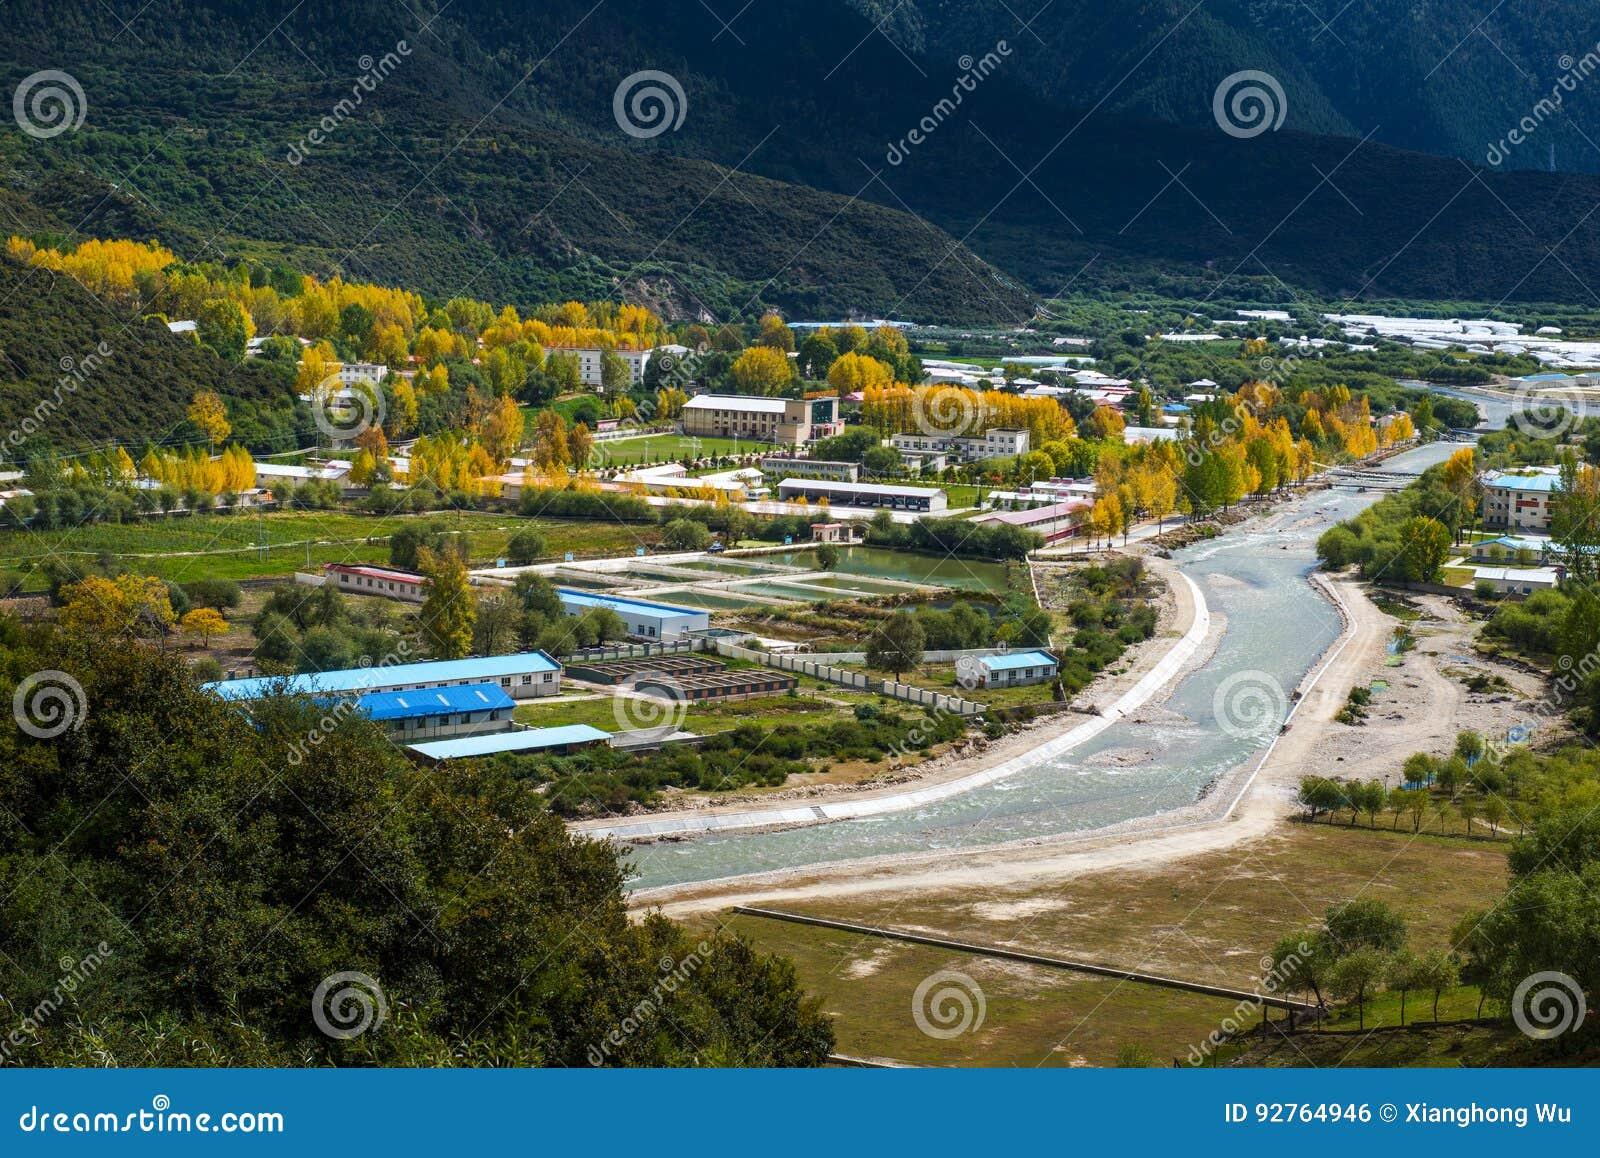 Le beau paysage : Déplacement au Thibet